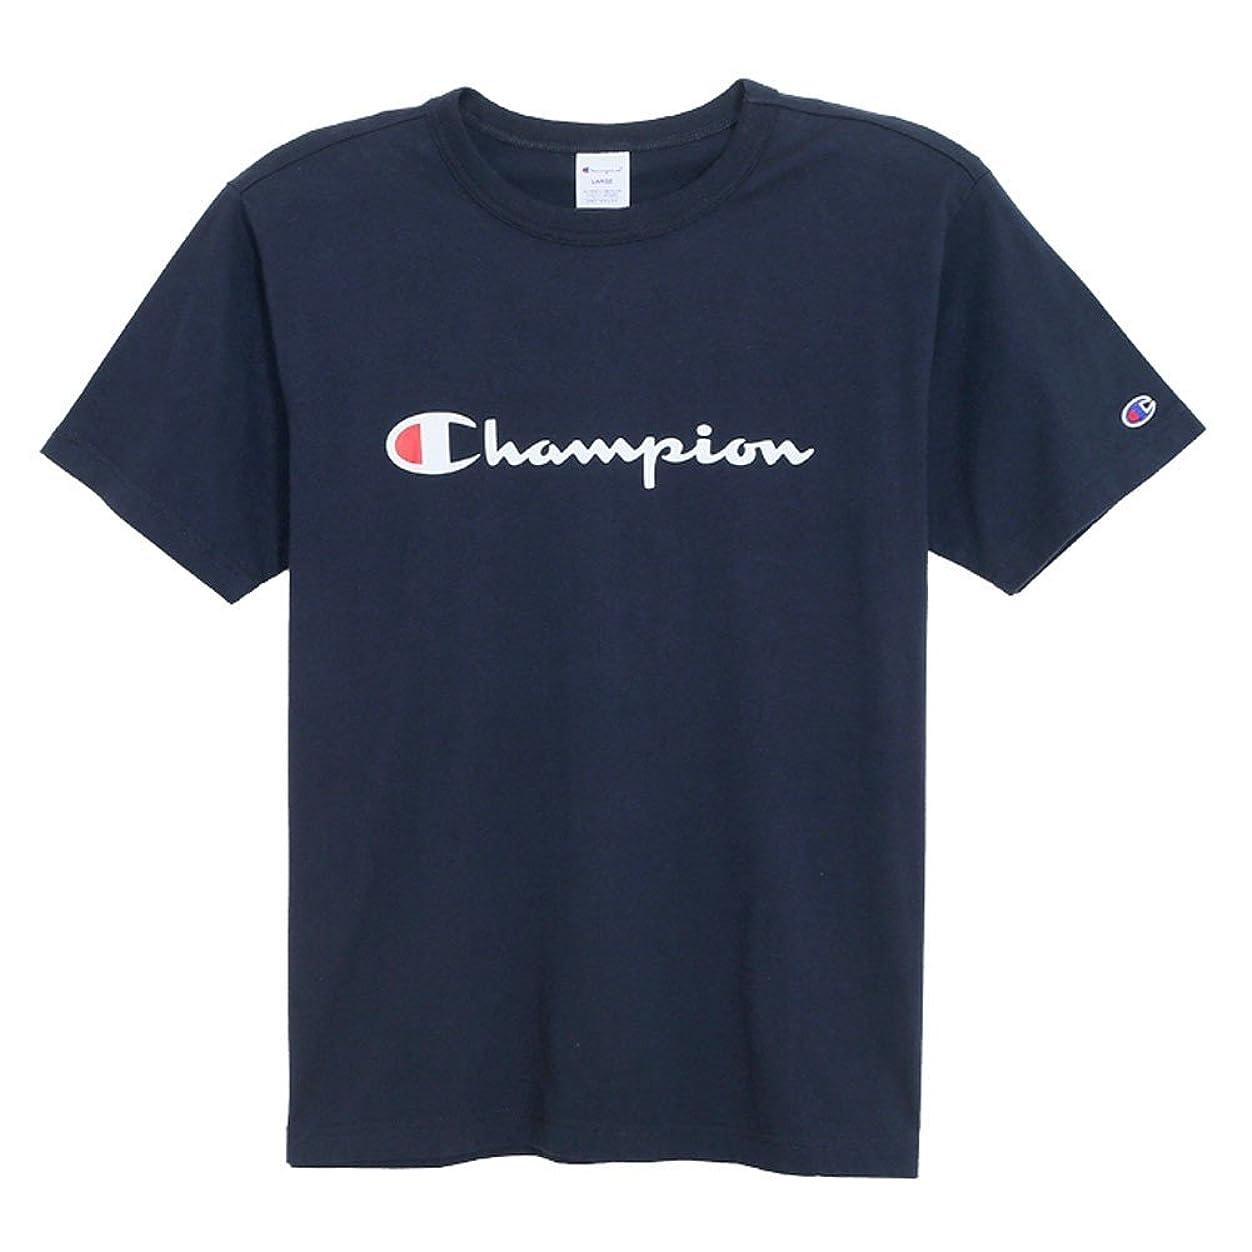 砂利成り立つぞっとするようなチャンピオン CHAMPION ラバープリント 左袖には「C」マークワッペン 生地を挟みこんで縫製したバインダーネック JAPANサイジング Tシャツ メンズ C3-H374 370????